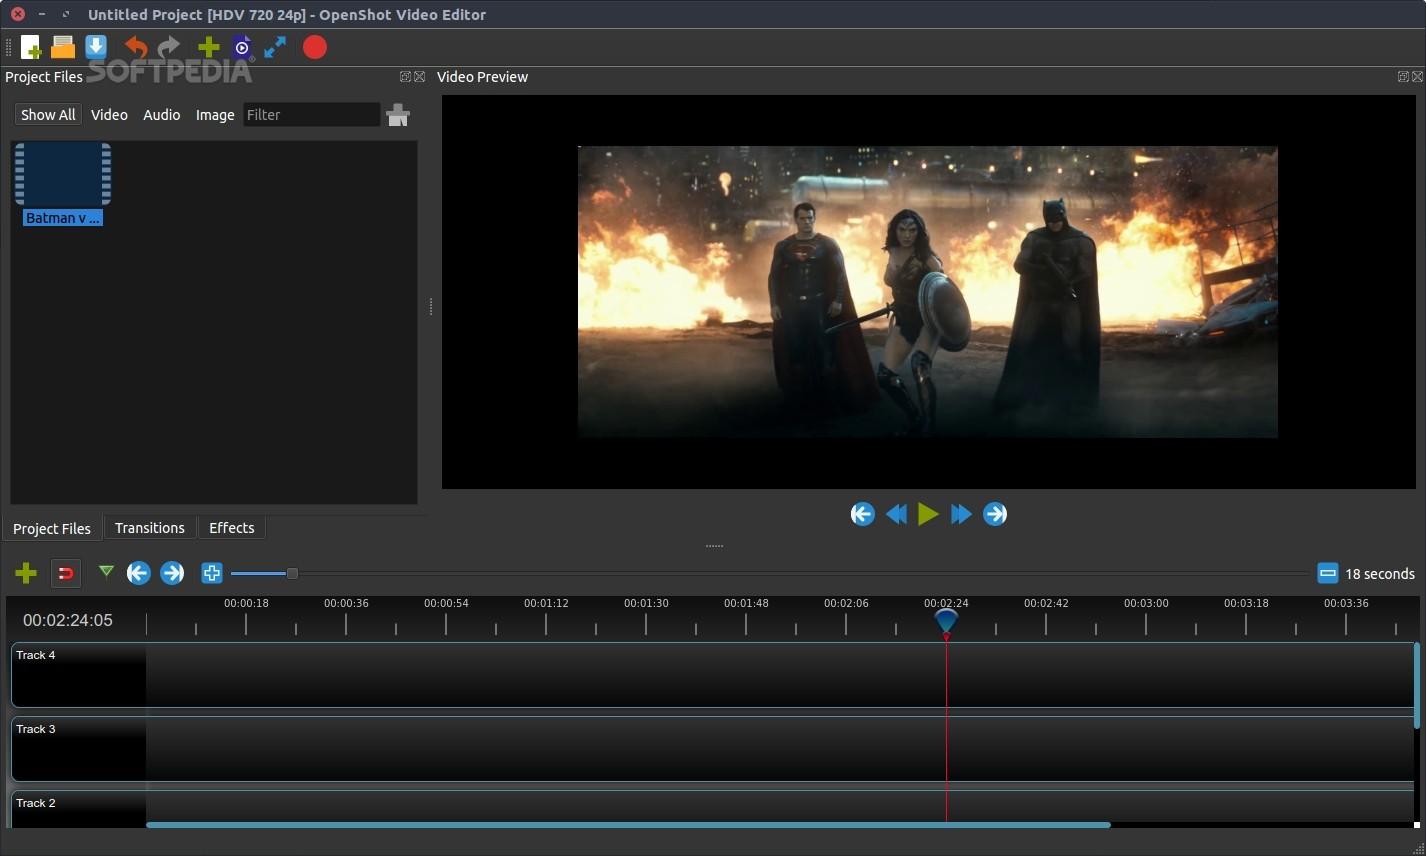 3d Animation Wallpaper For Pc Download Video S Bewerken Met Openshot Video Editor 1 Computer Idee